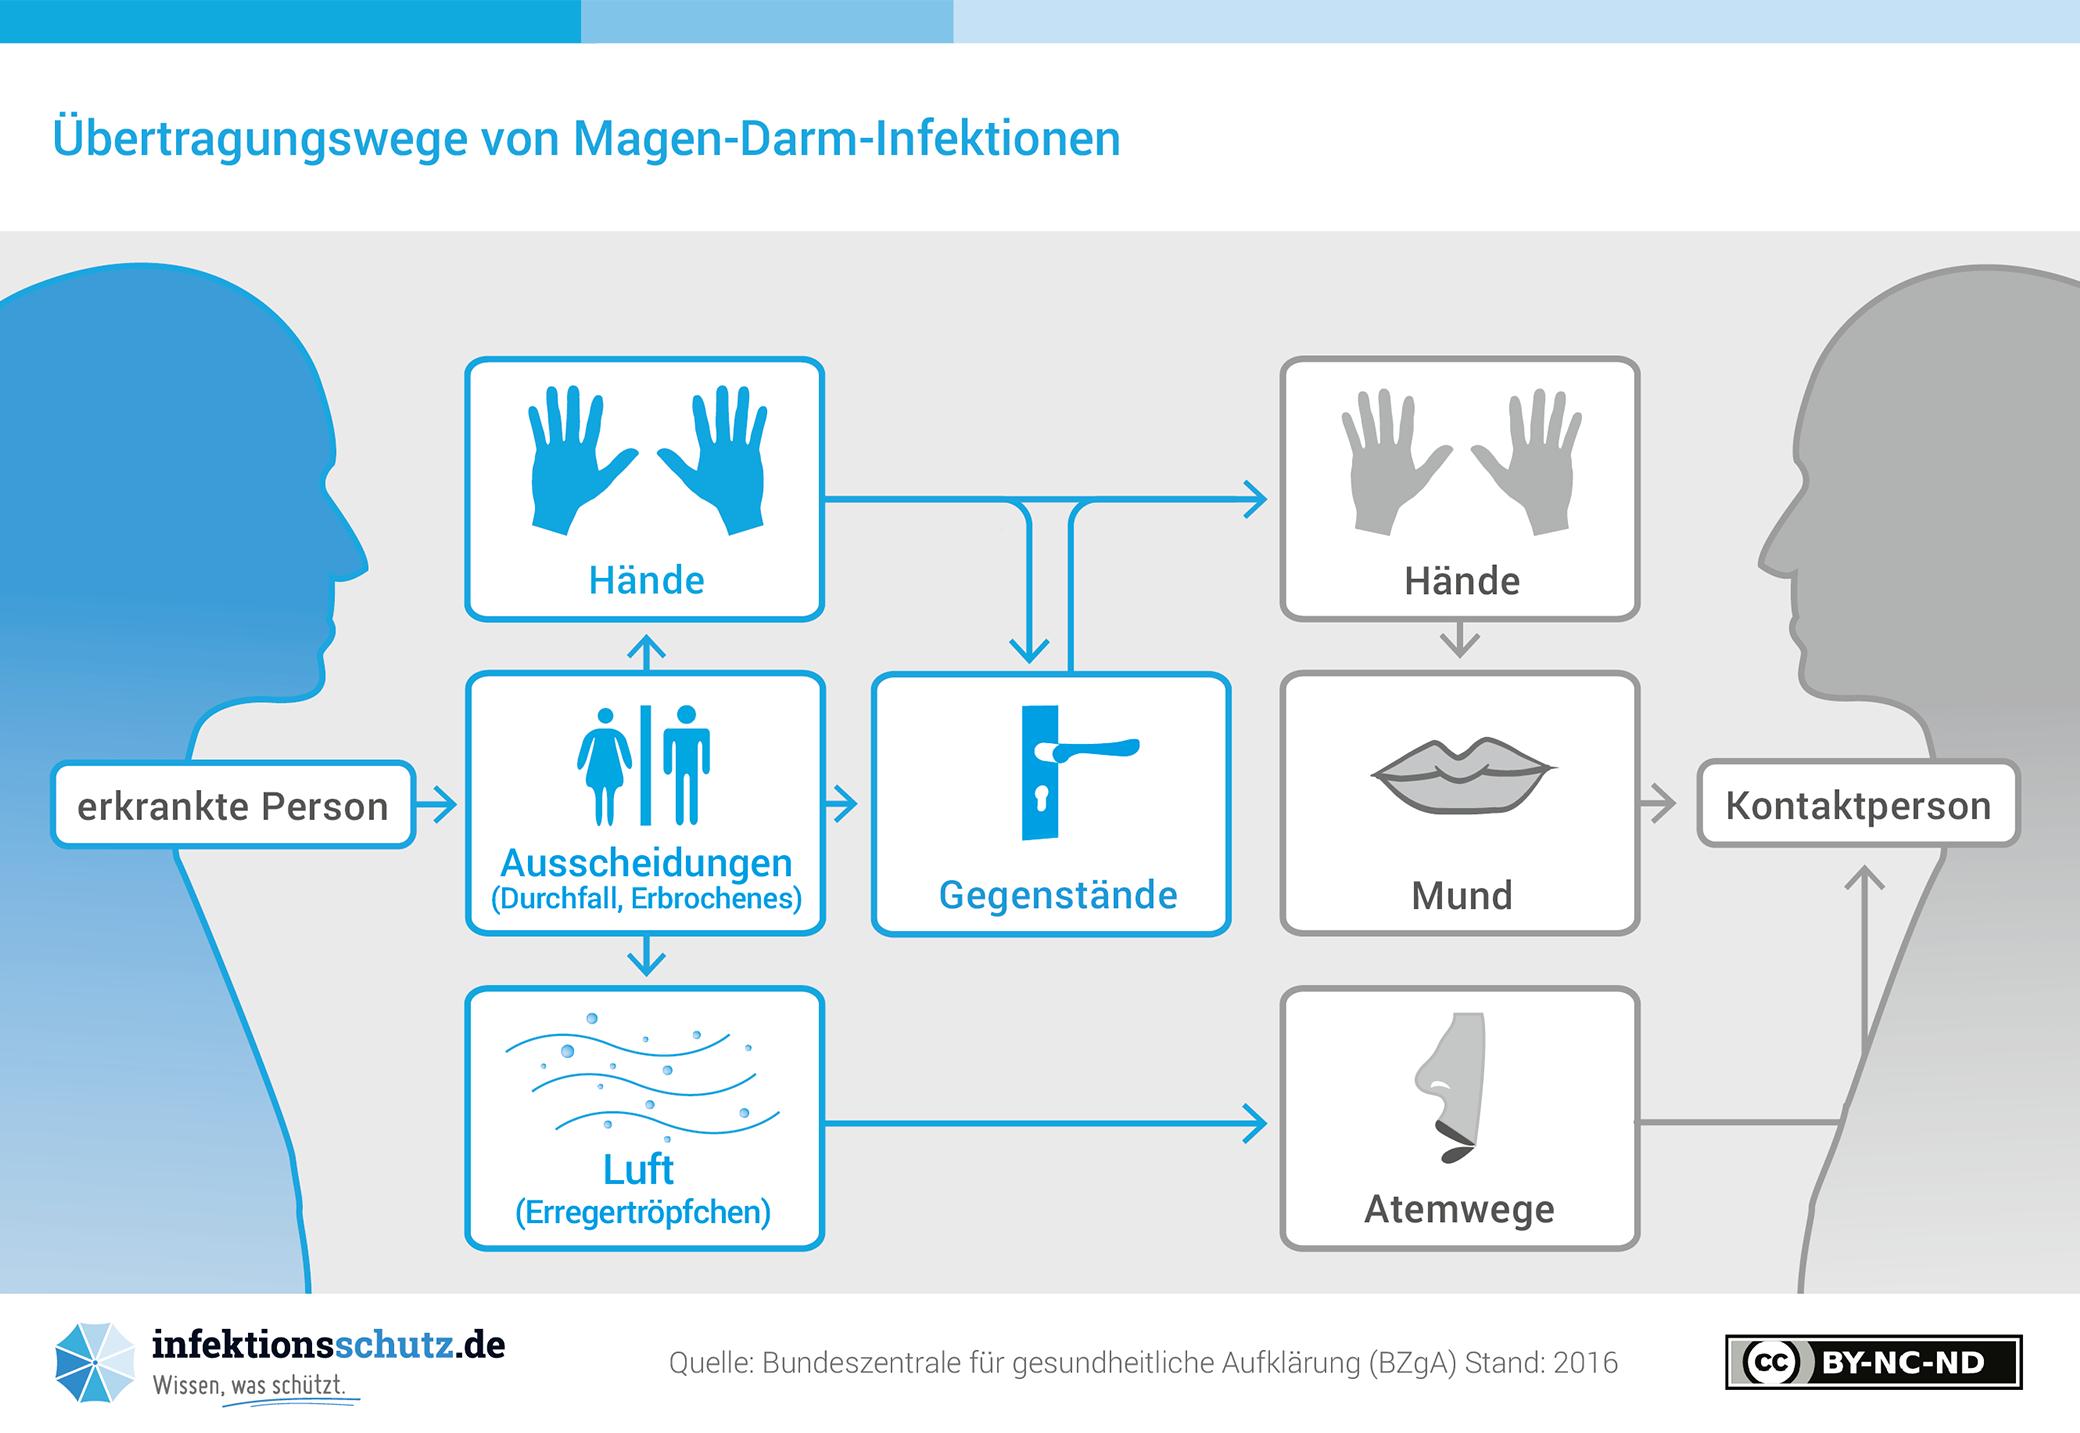 Magen-Darm-Infektionen - infektionsschutz.de